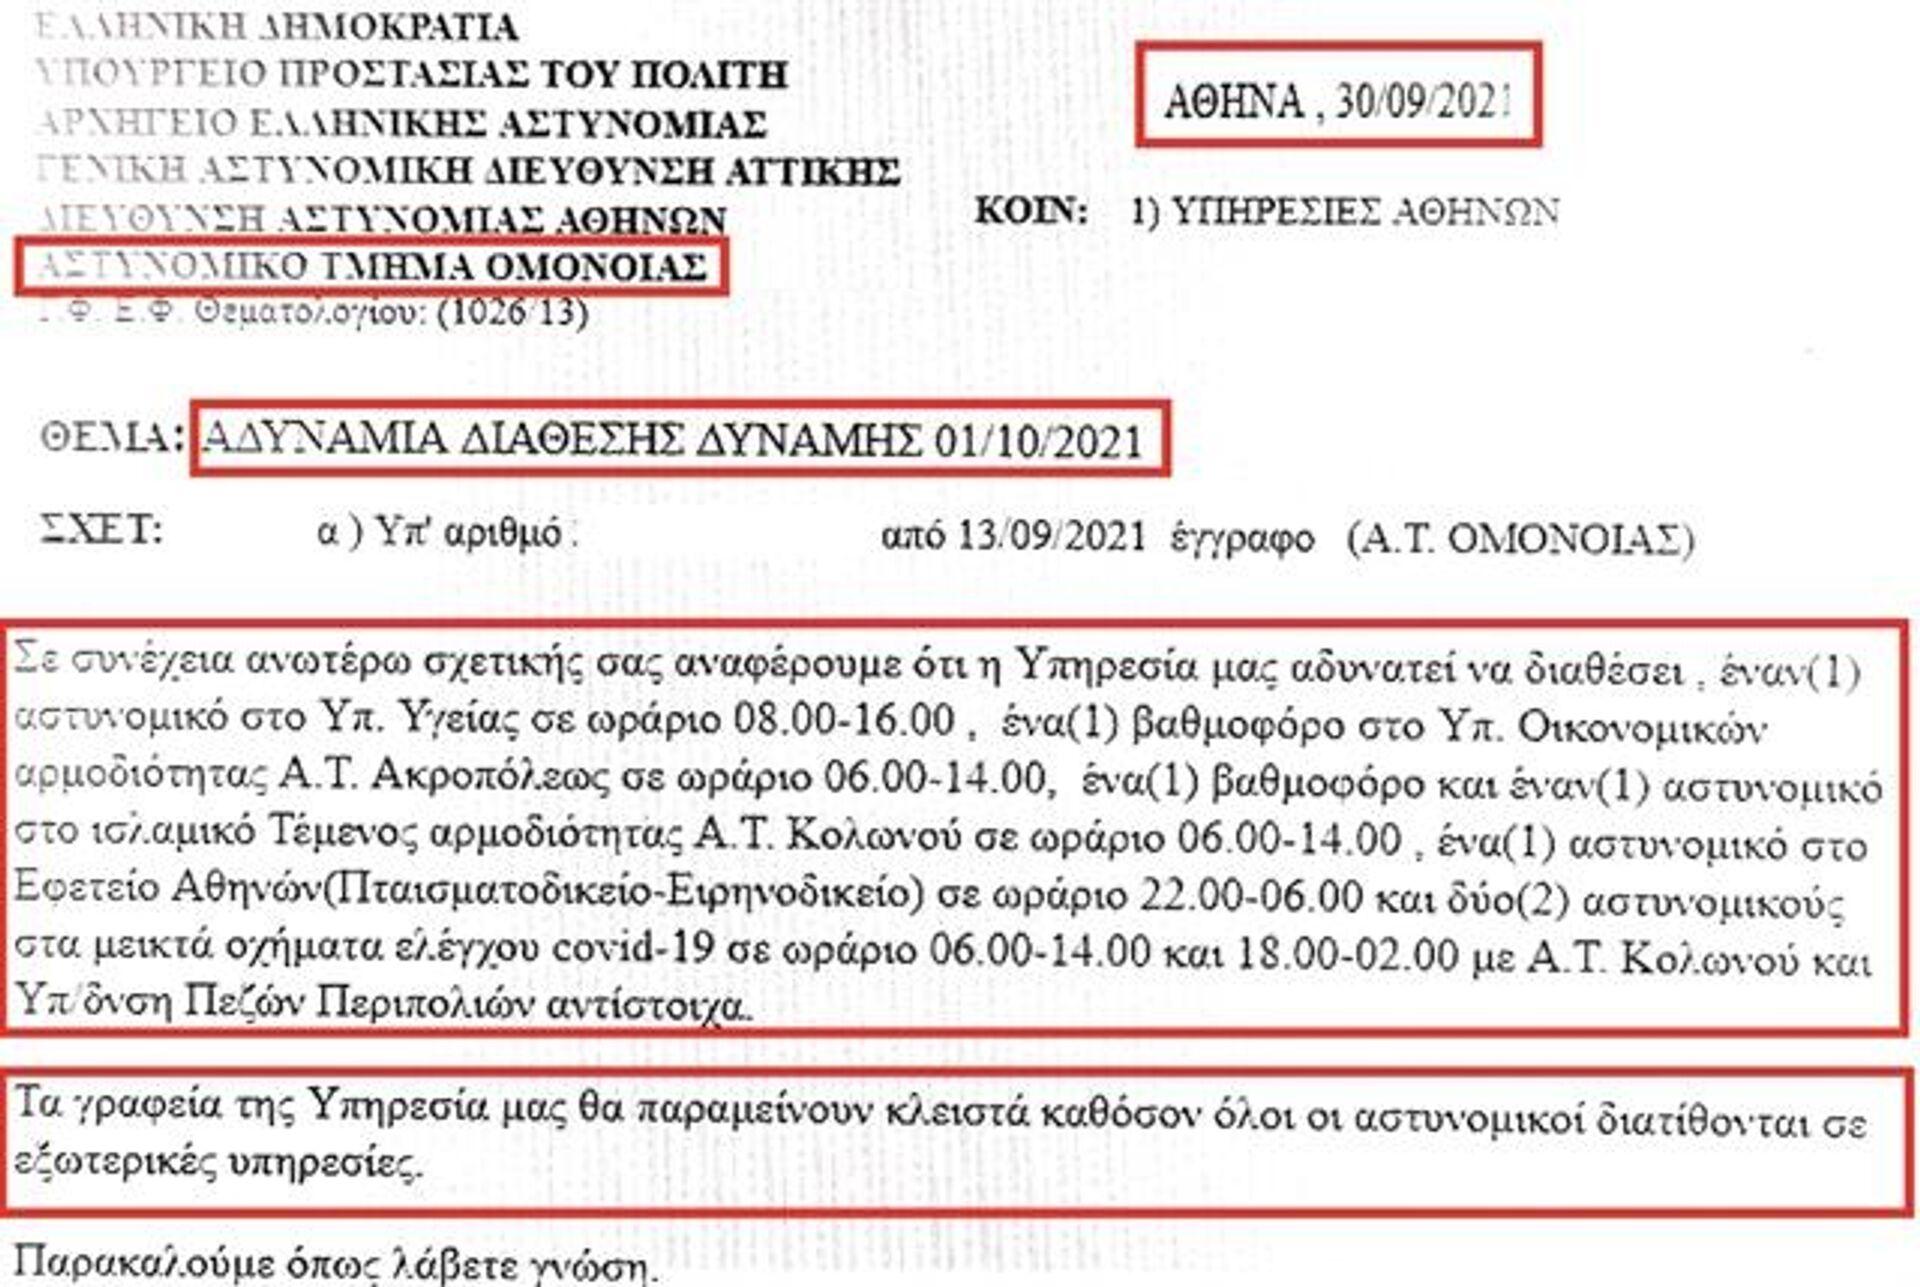 Έγγραφο για το κλείσιμο του Αστυνομικού Τμήματος Ομονοίας - Sputnik Ελλάδα, 1920, 04.10.2021